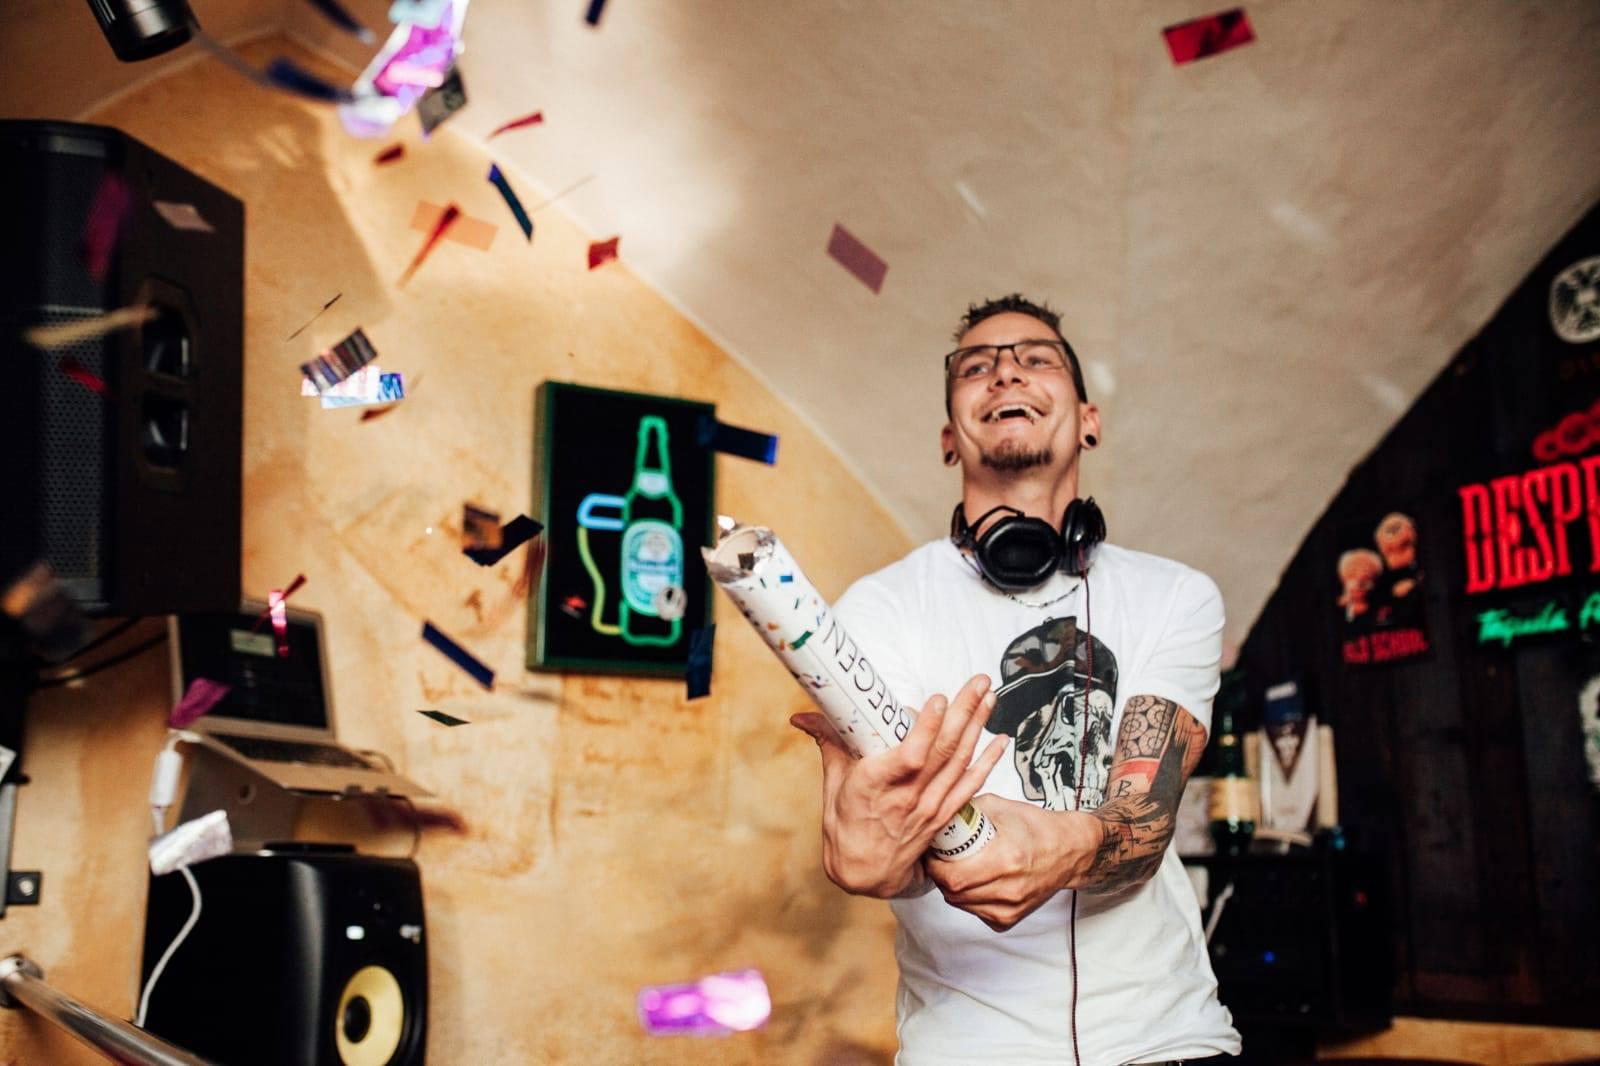 DJ Smashbeat